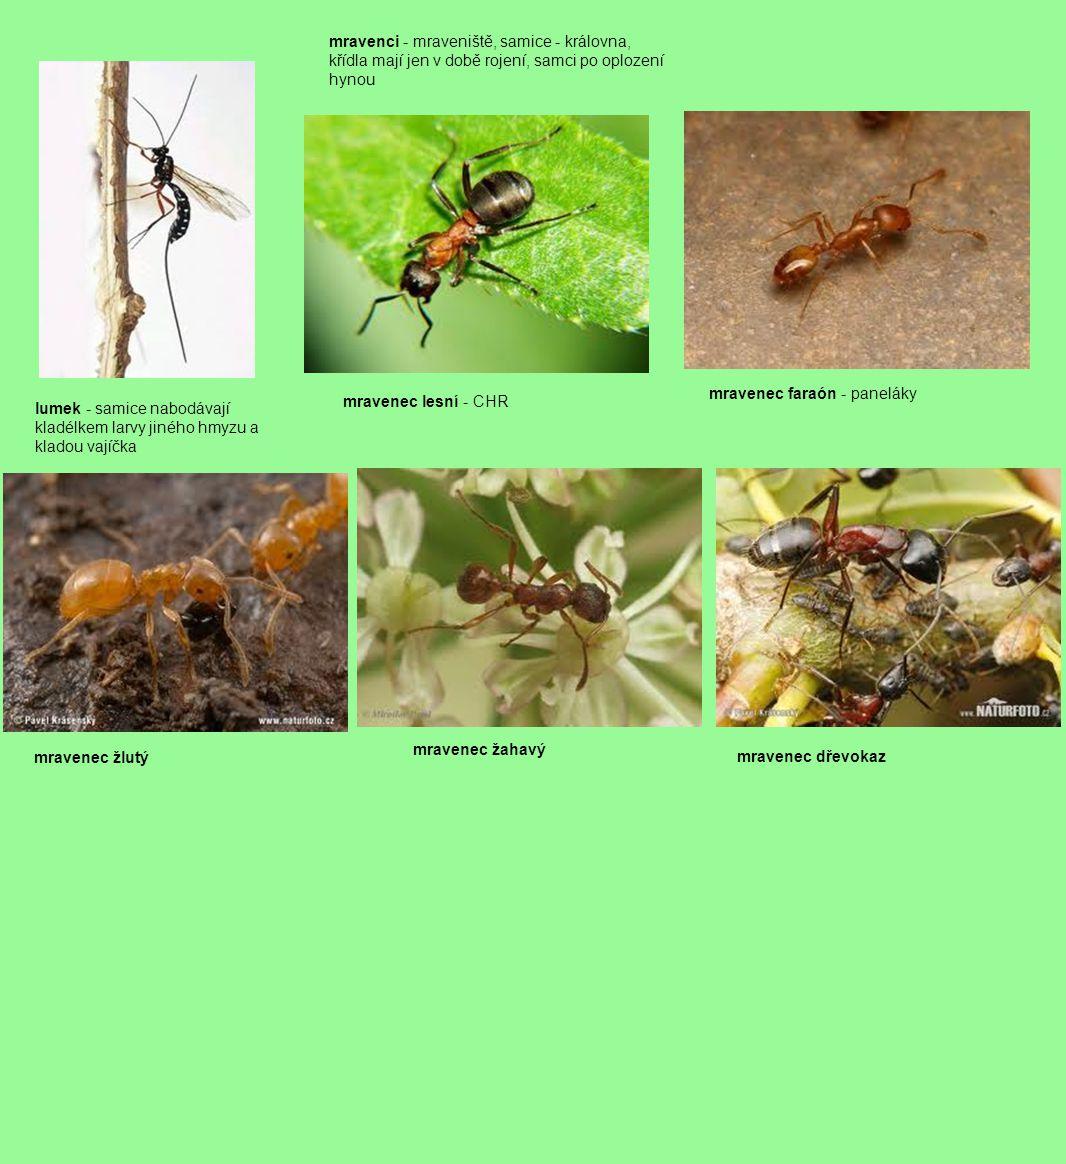 lumek - samice nabodávají kladélkem larvy jiného hmyzu a kladou vajíčka mravenci - mraveniště, samice - královna, křídla mají jen v době rojení, samci